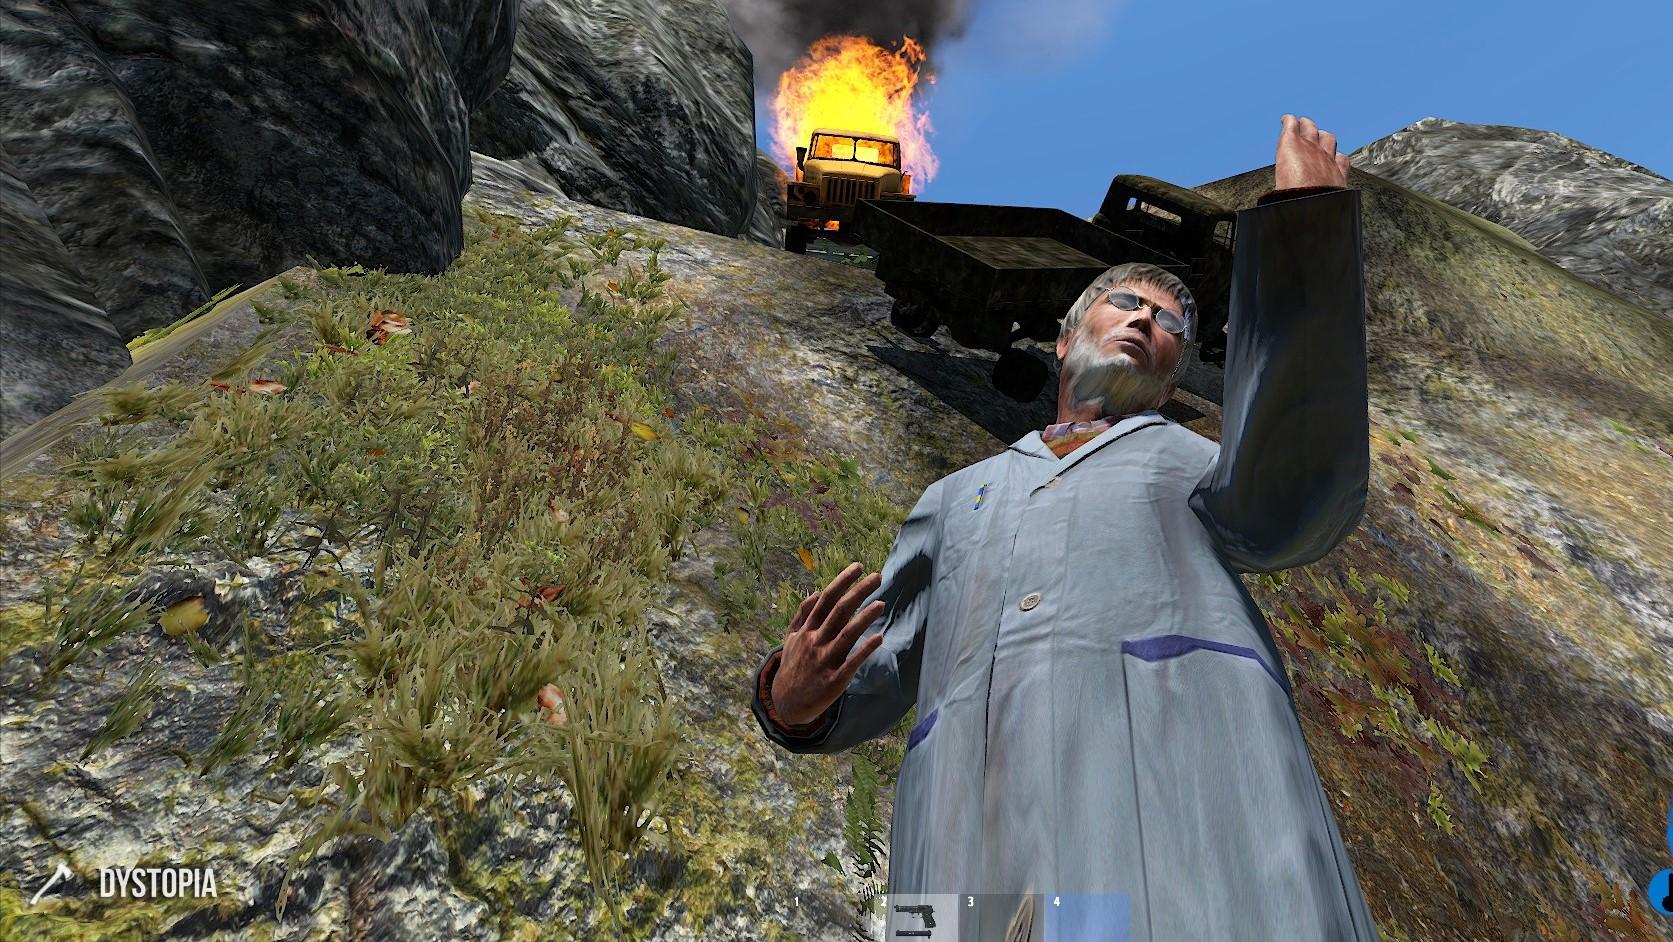 Burning Van